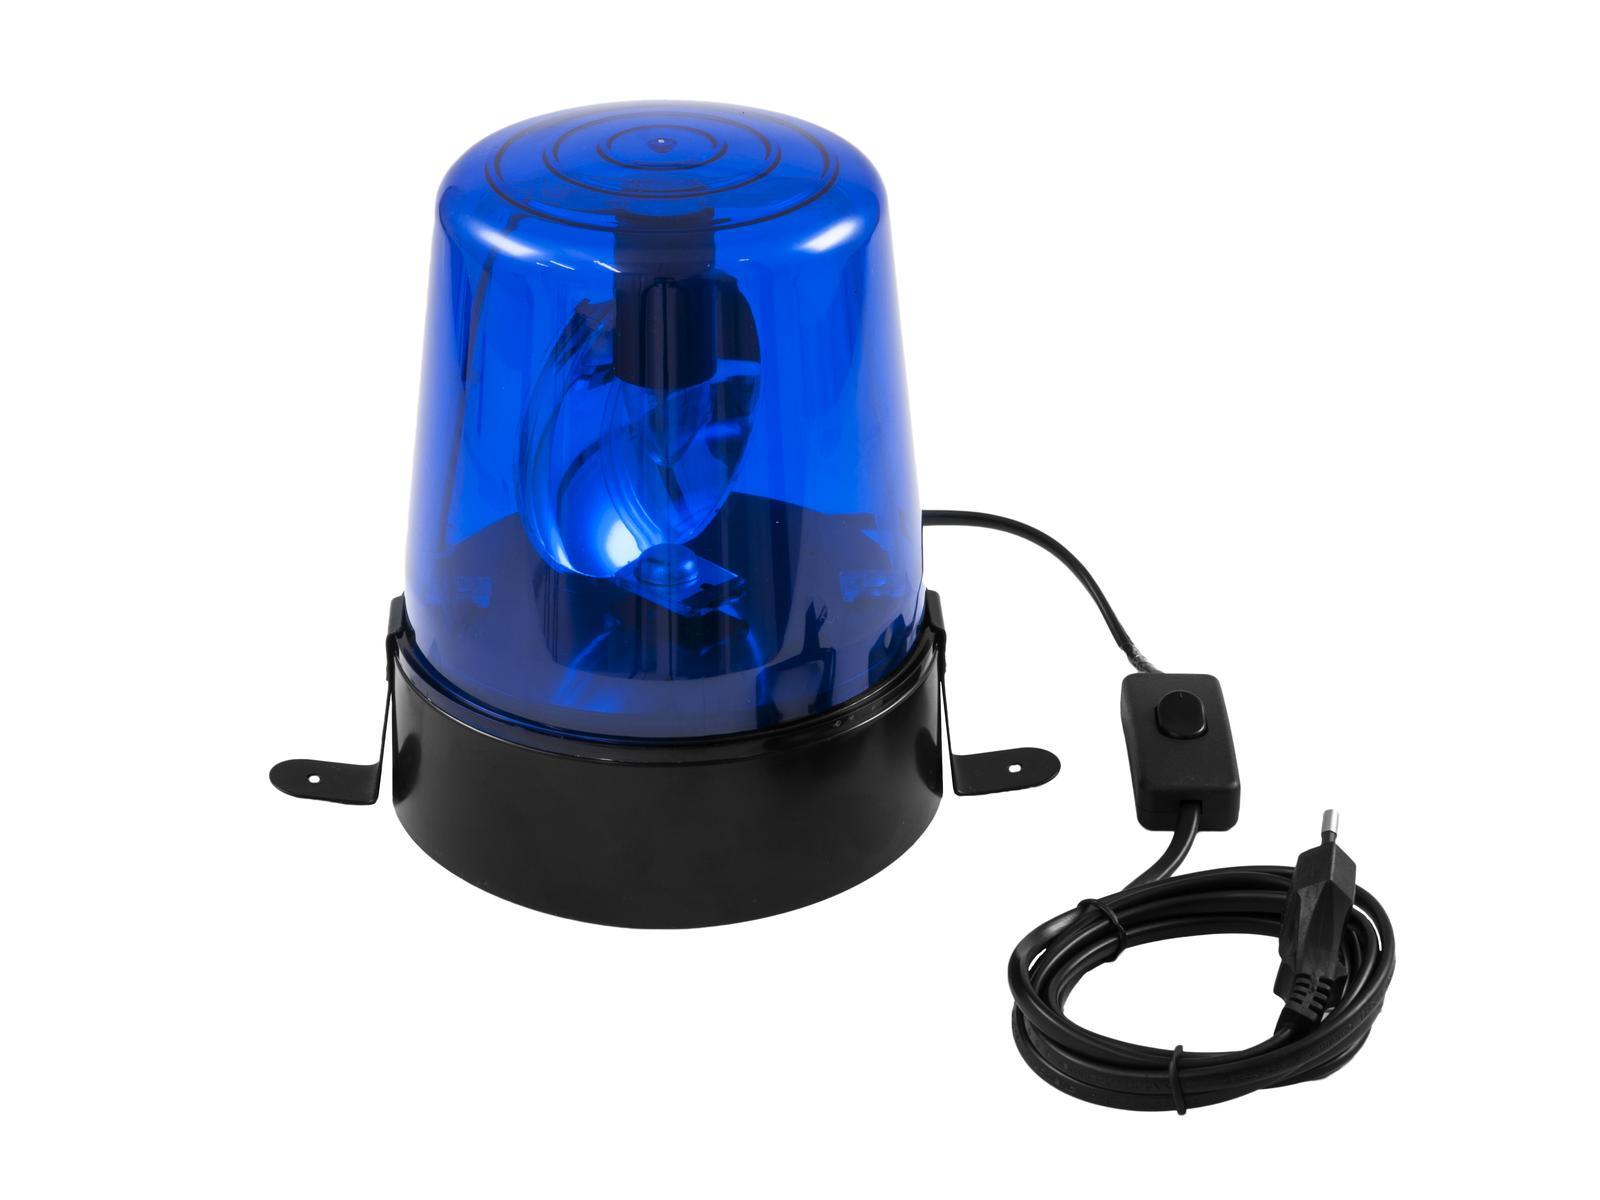 EUROLITE Polizeilicht DE-1 blau